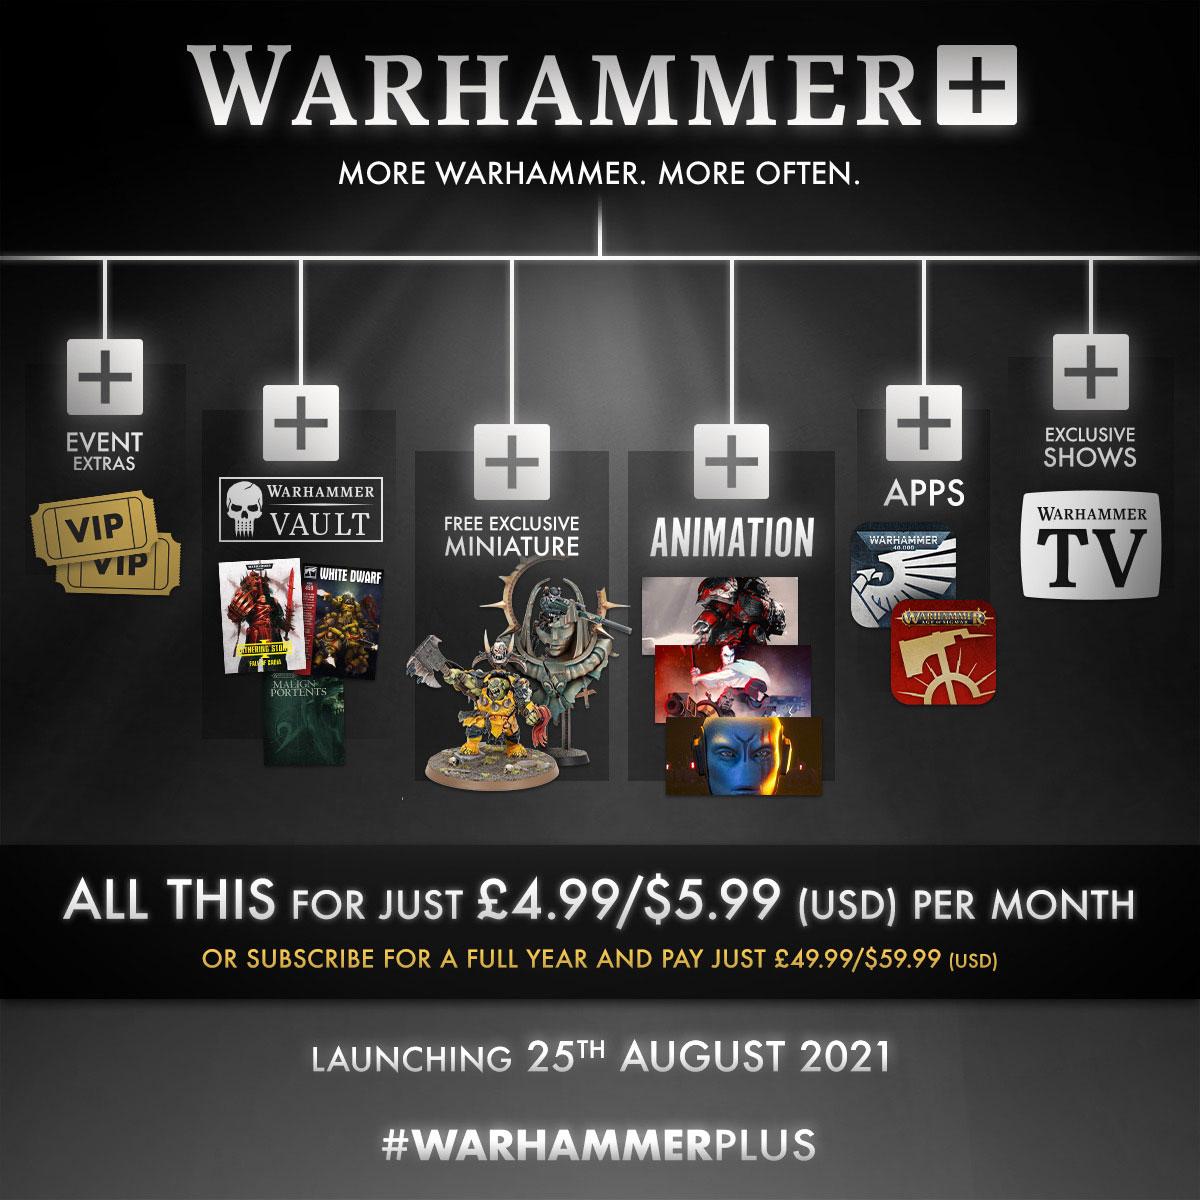 Warhammer +